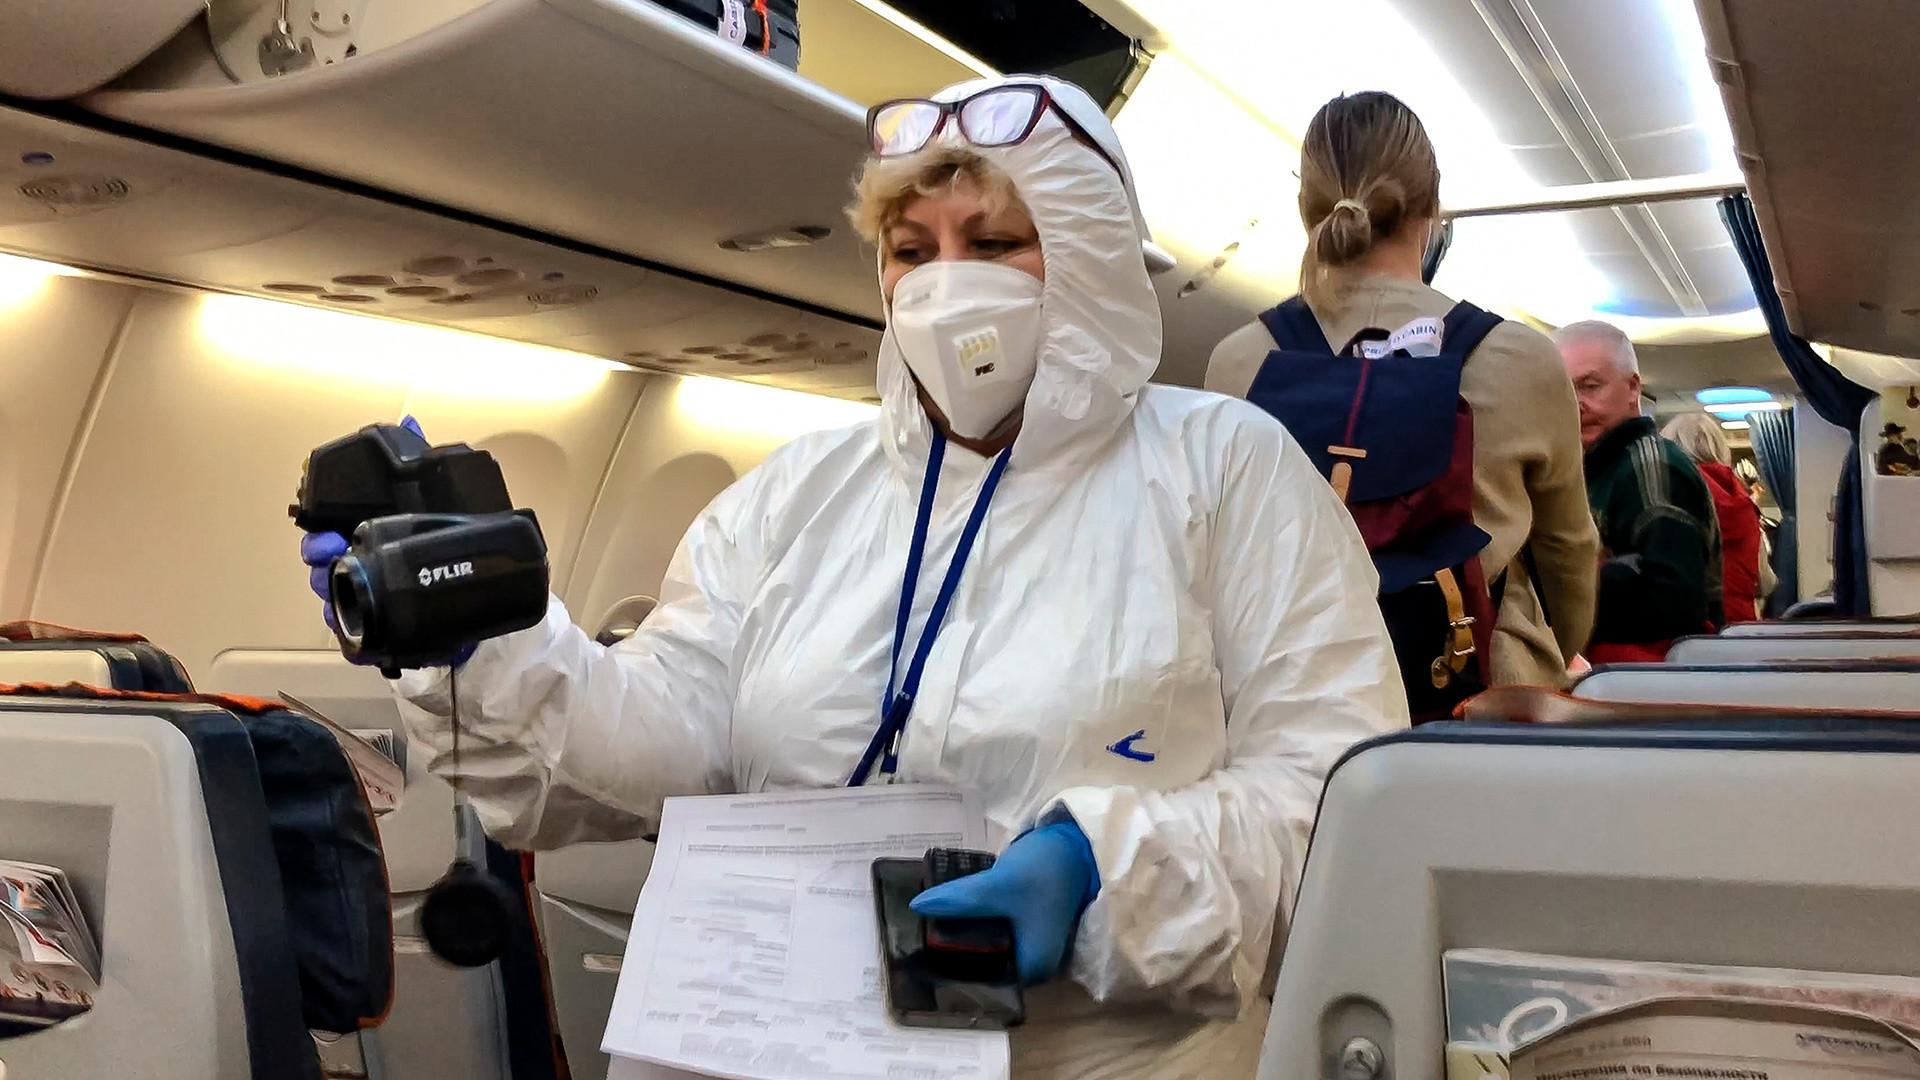 Especialista checa passageiros que chegam de voo da Itália, no aeroporto Sheremetievo, em Moscou